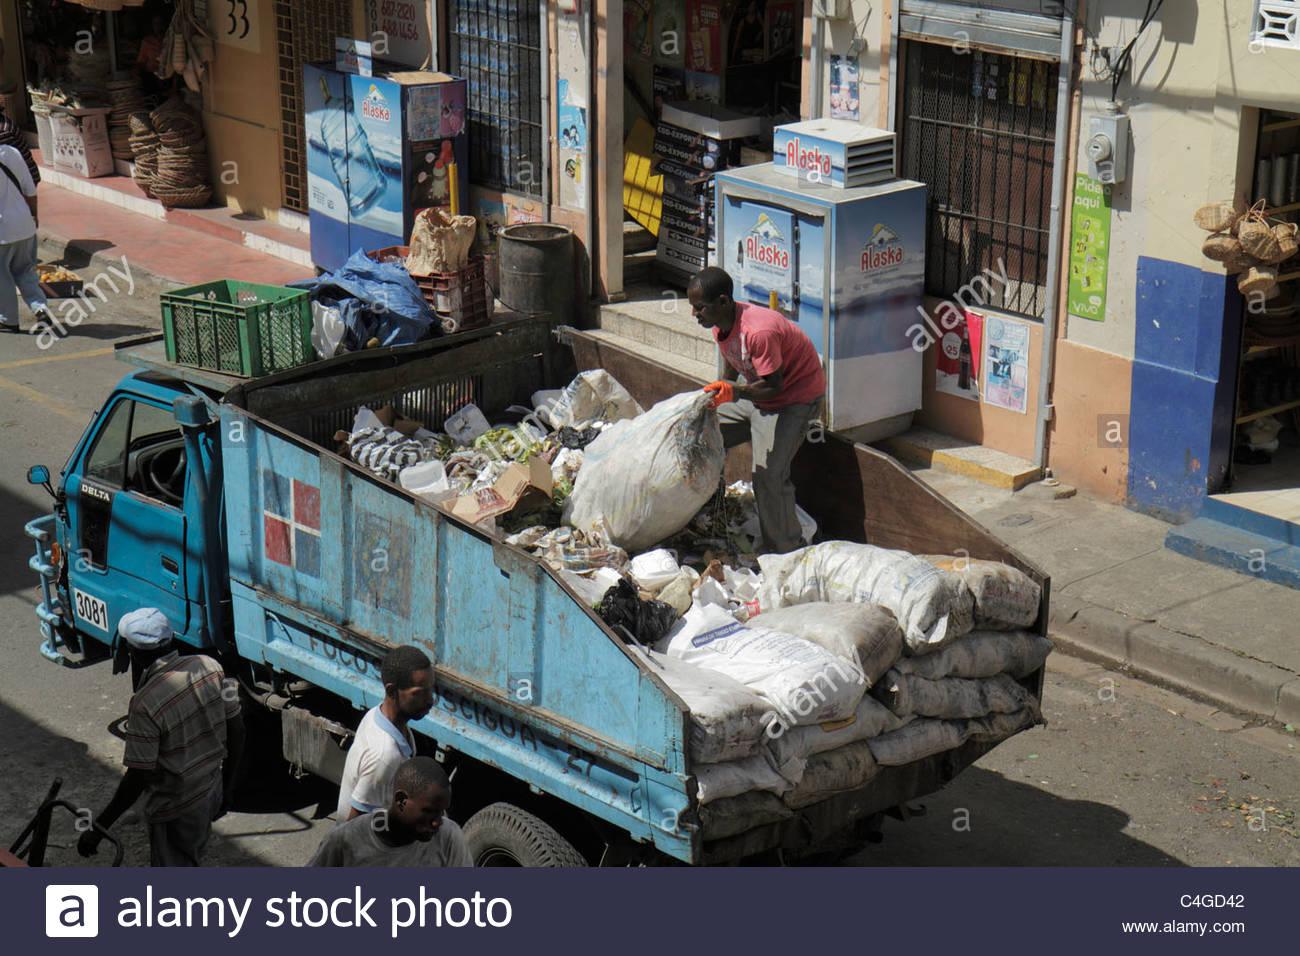 Santo Domingo Repubblica Dominicana Ciudad Colonia Mercado Modela Market street scene cestino di gestione dei rifiuti Immagini Stock